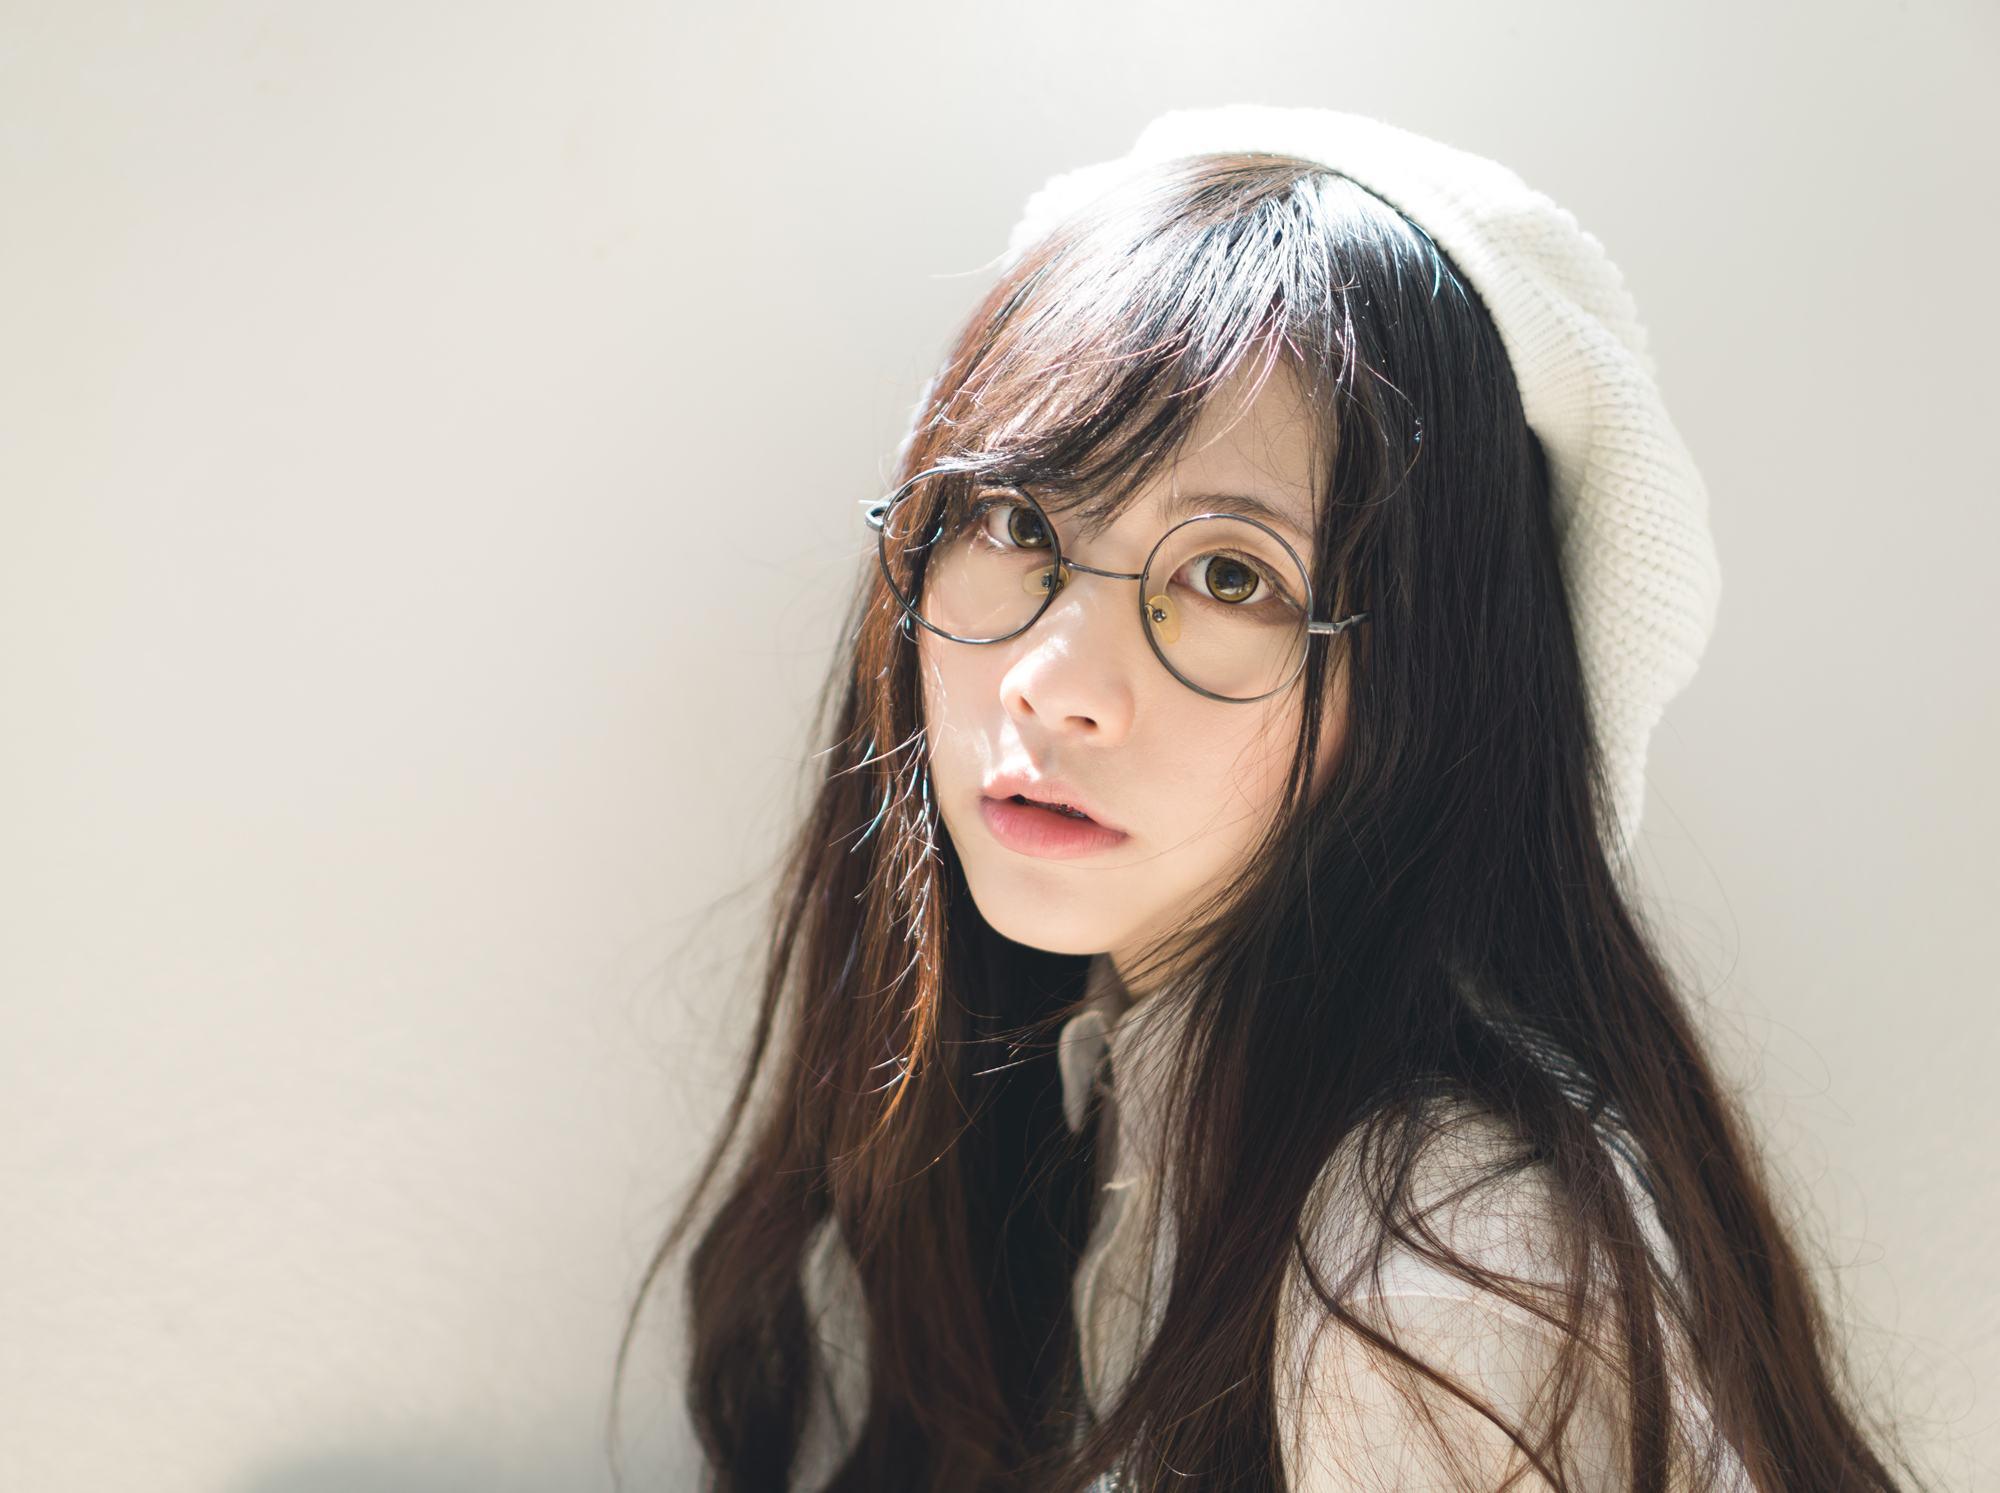 ผมยาว สาวแว่น